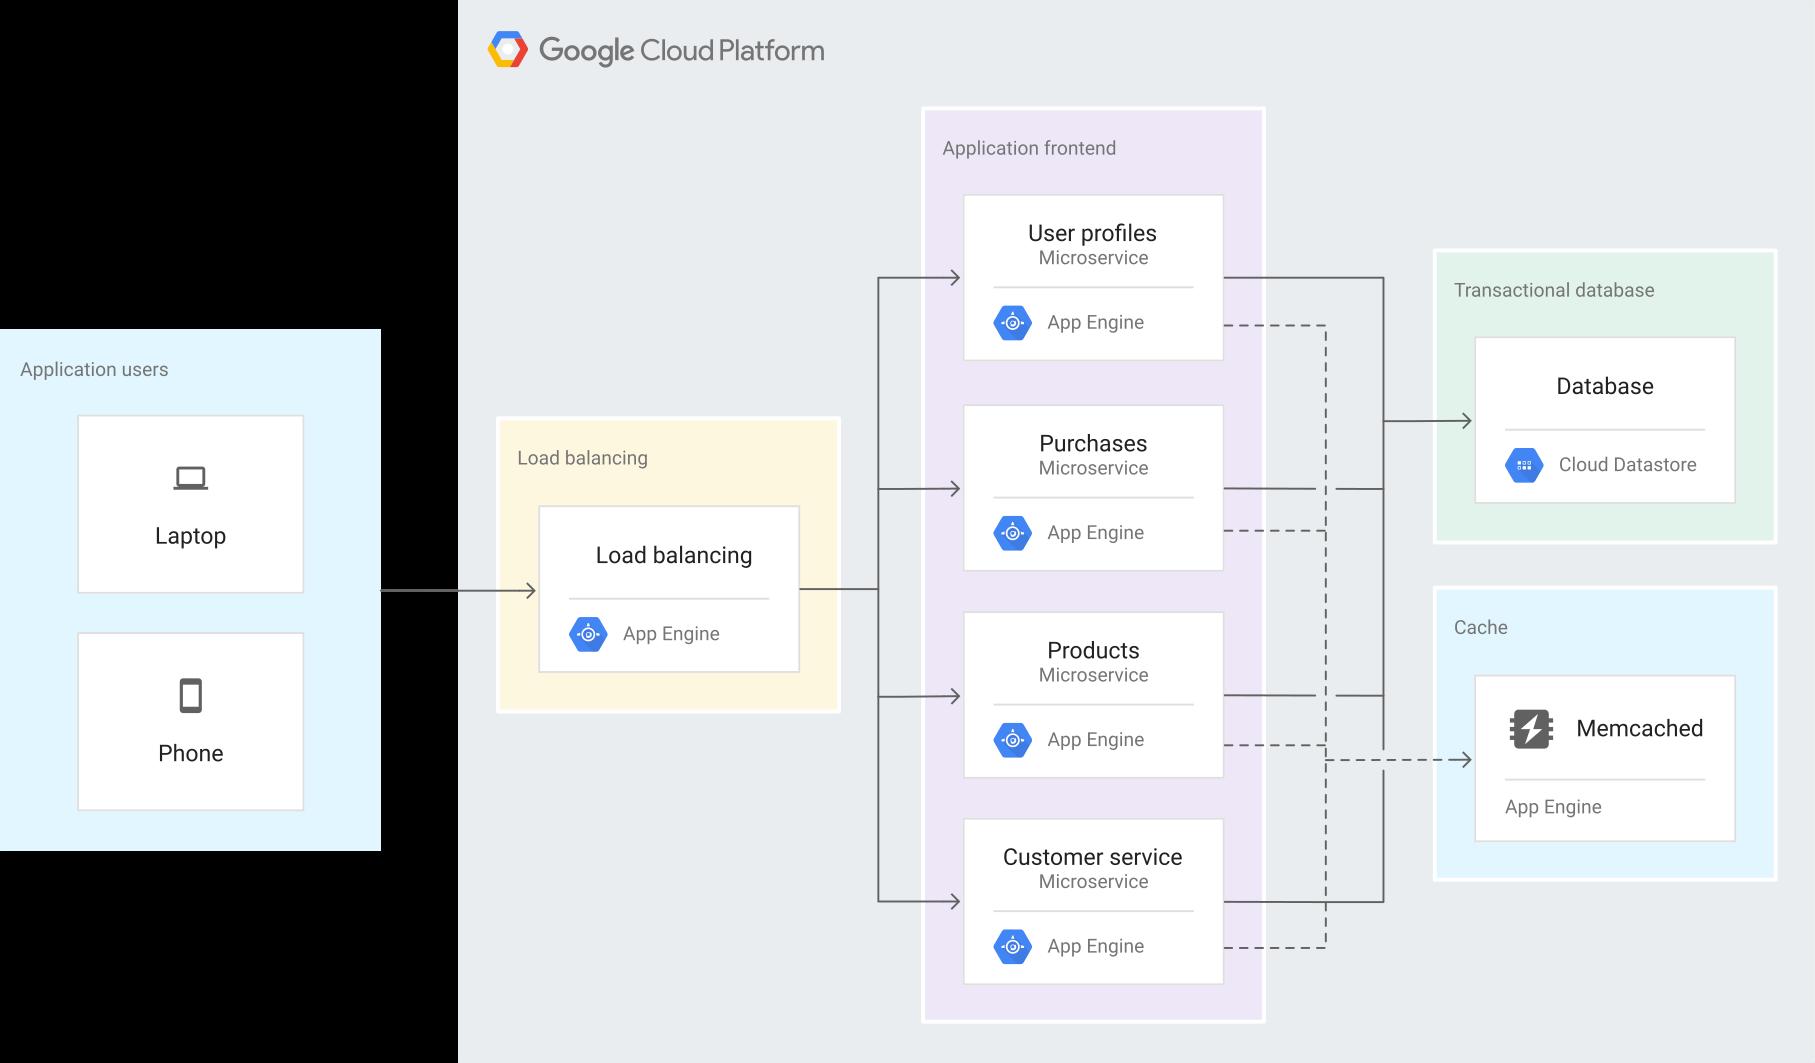 アーキテクチャ: App Engine によるマイクロサービス